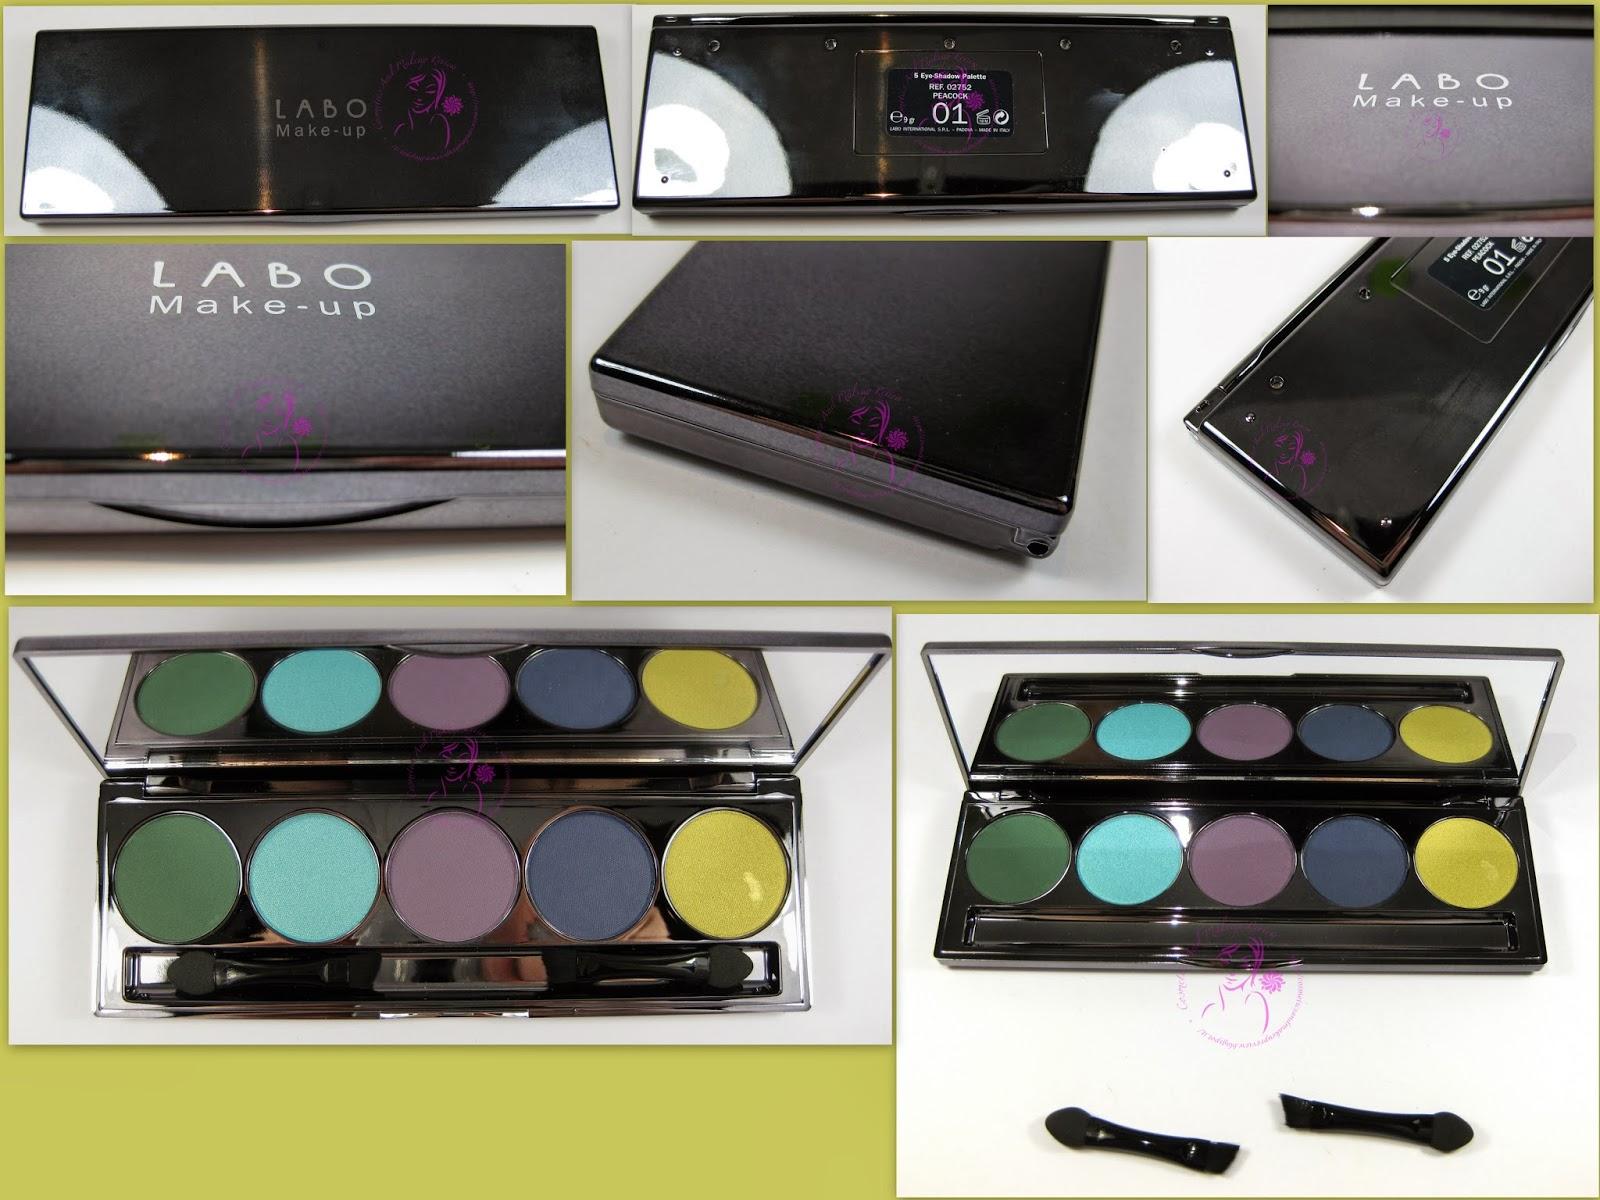 Labo Make-up - Palette 5 Ombretti n° 01 - Peacock/Pavone - descrizione